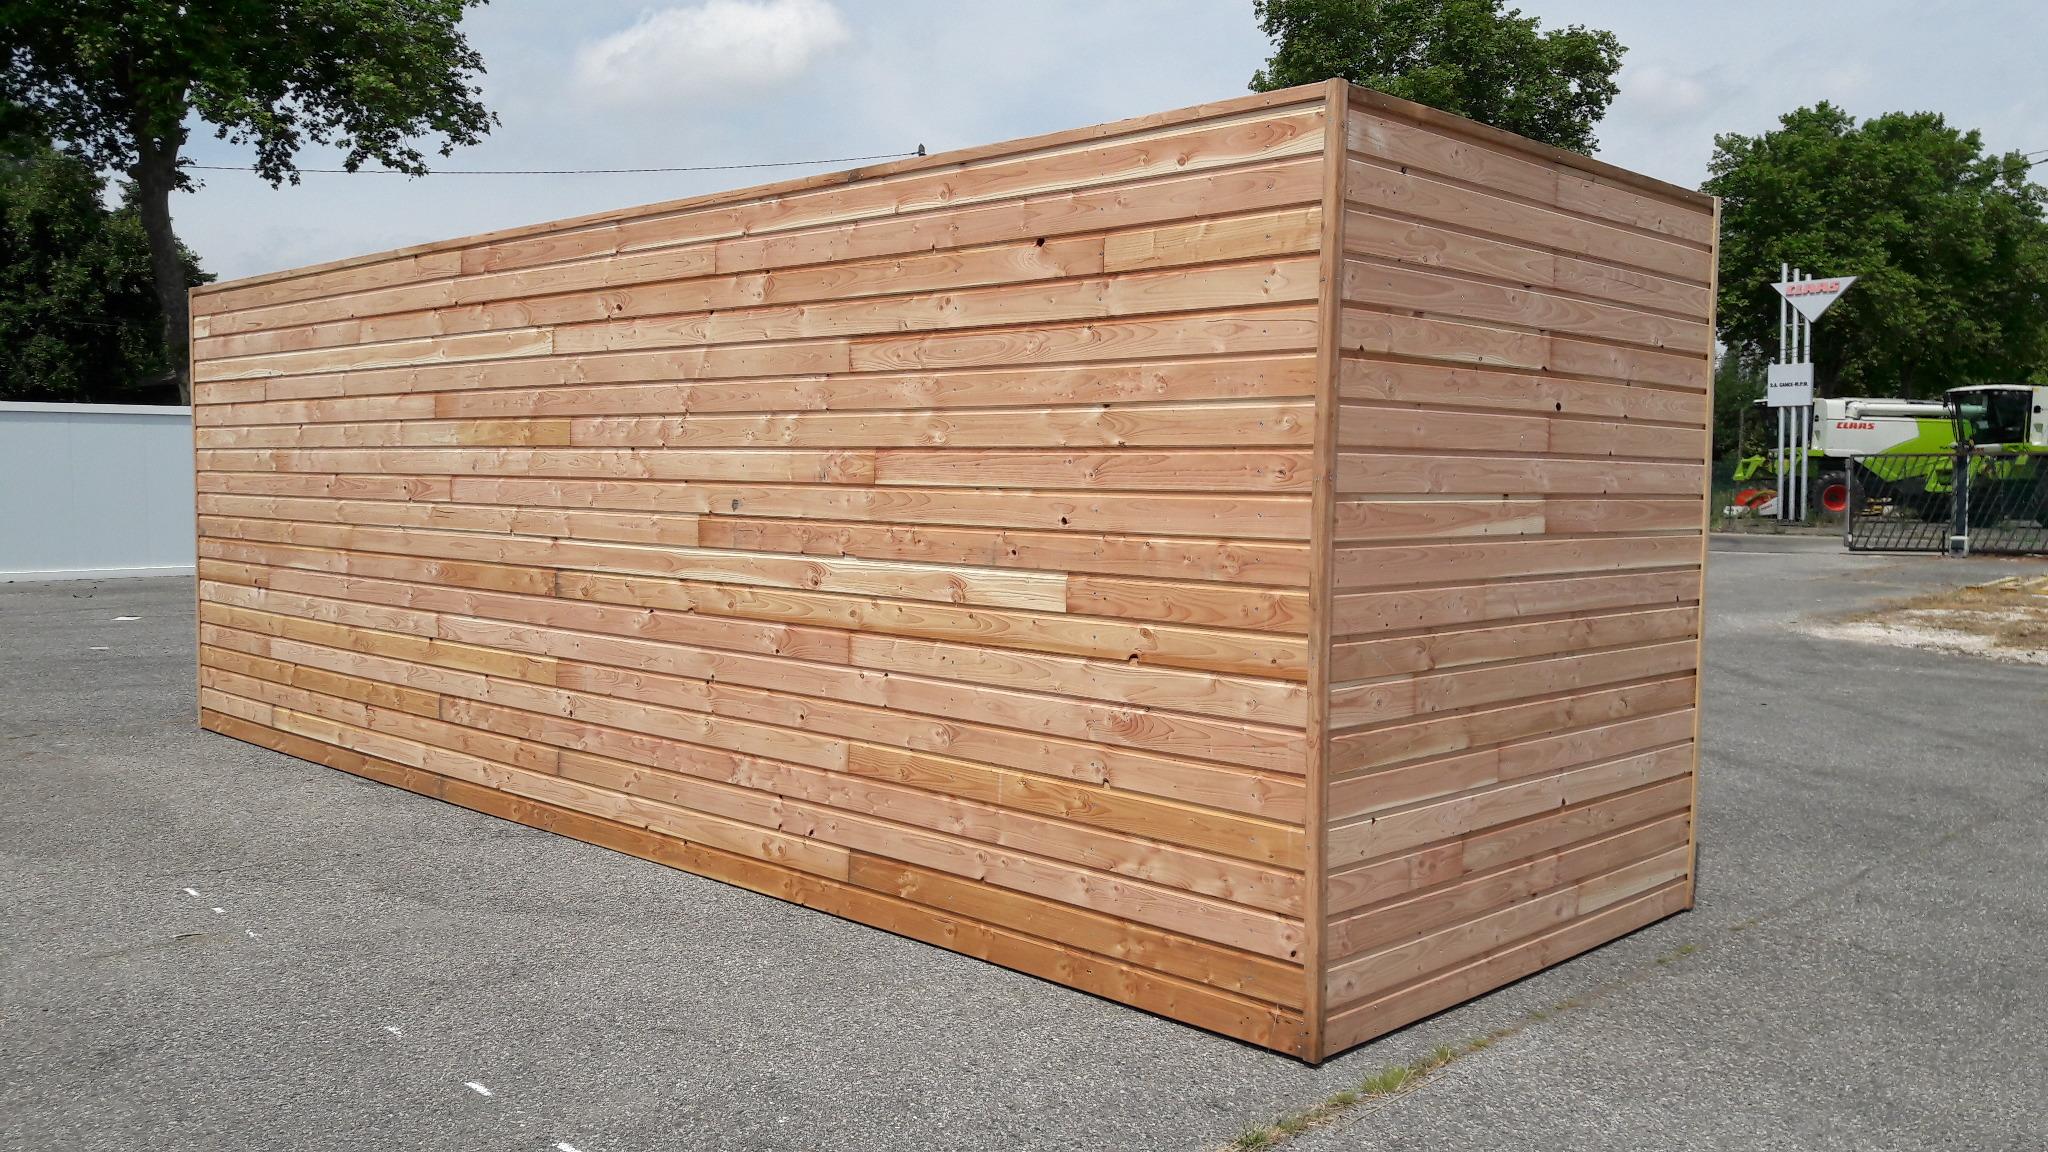 bardage bois sur bungalow TOULOUSE